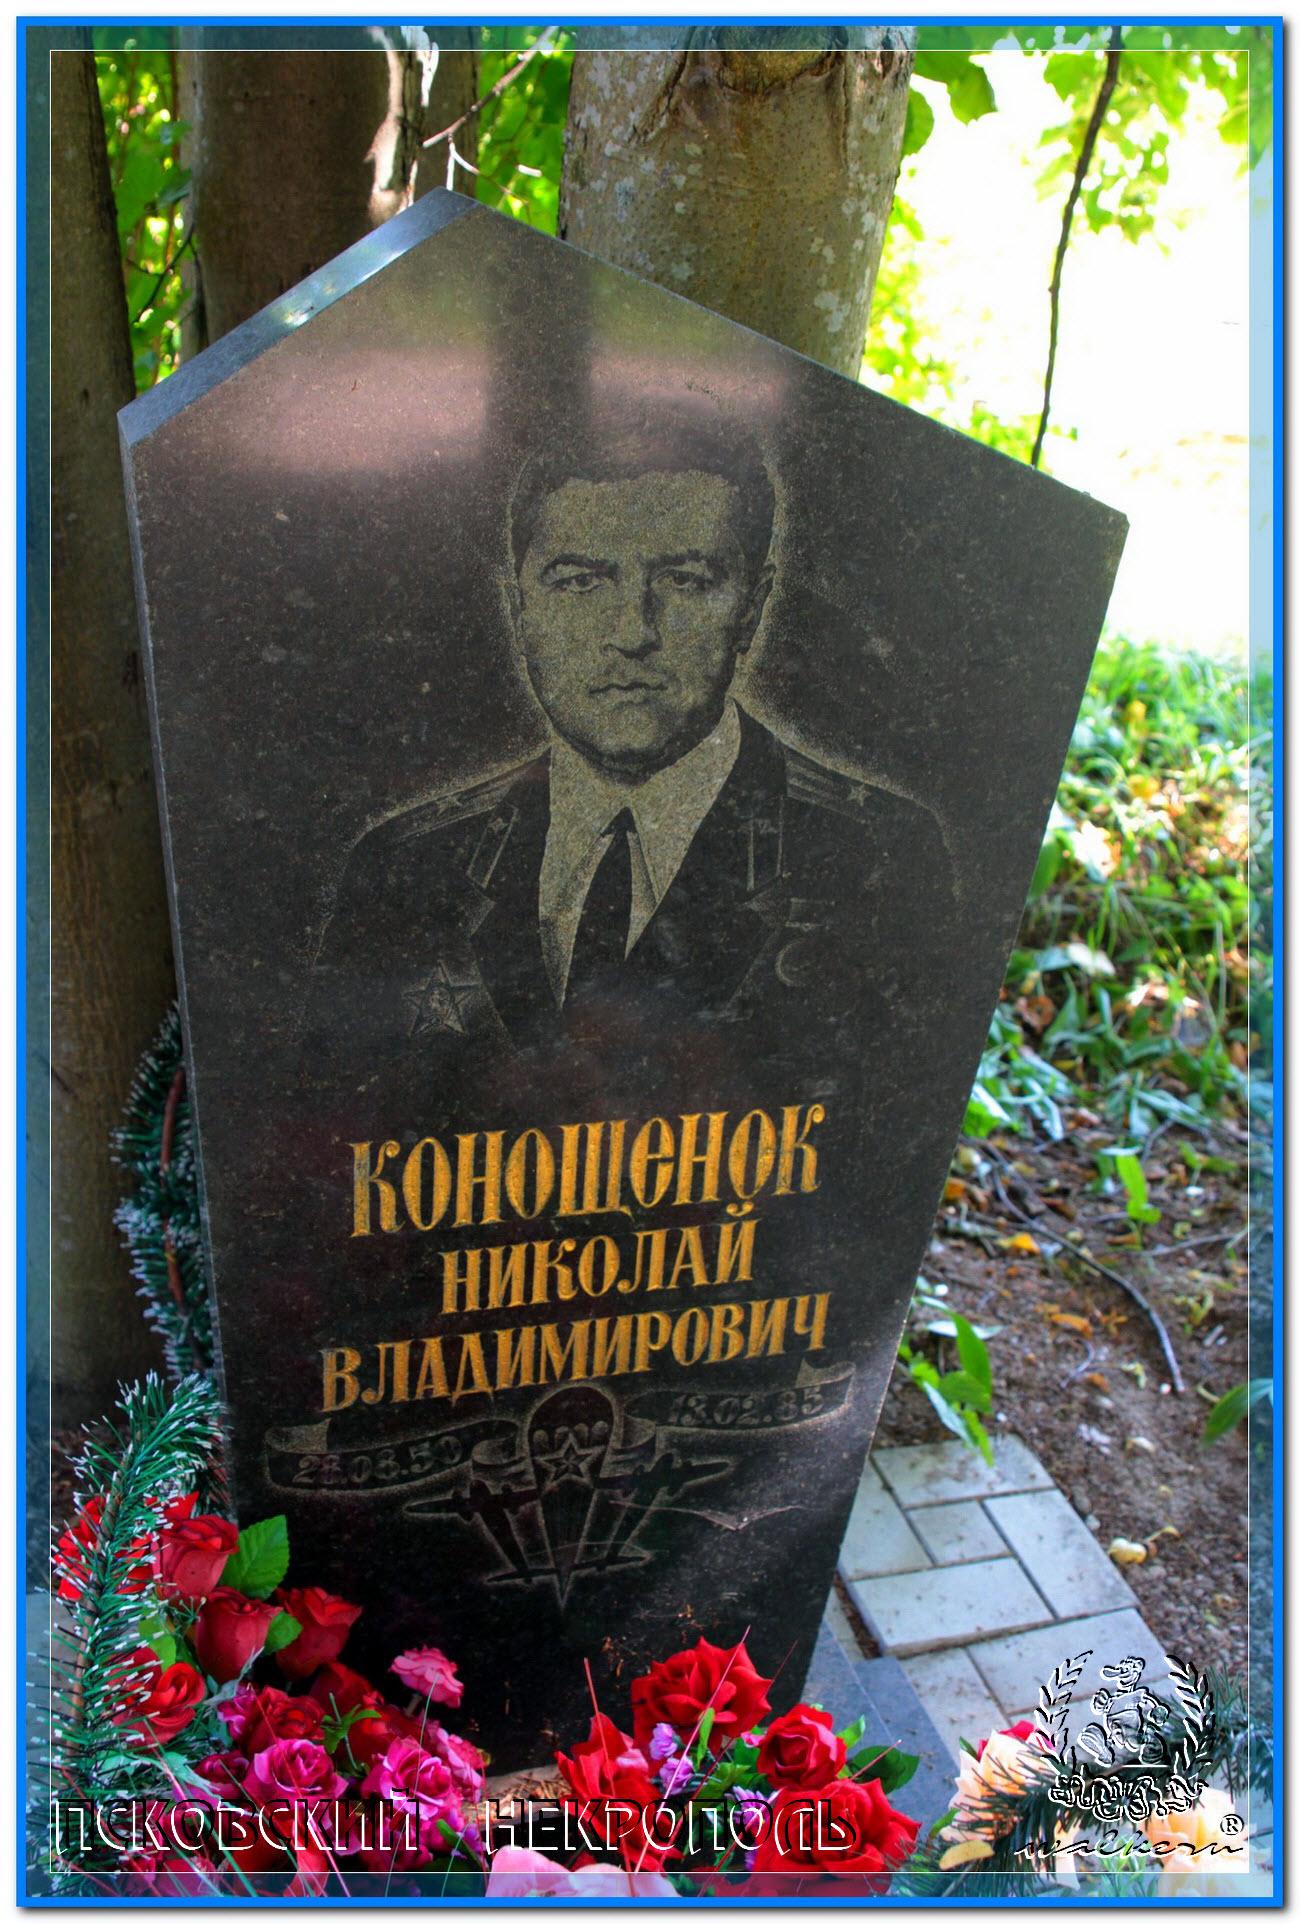 © Конощёнок Николай Владимирович